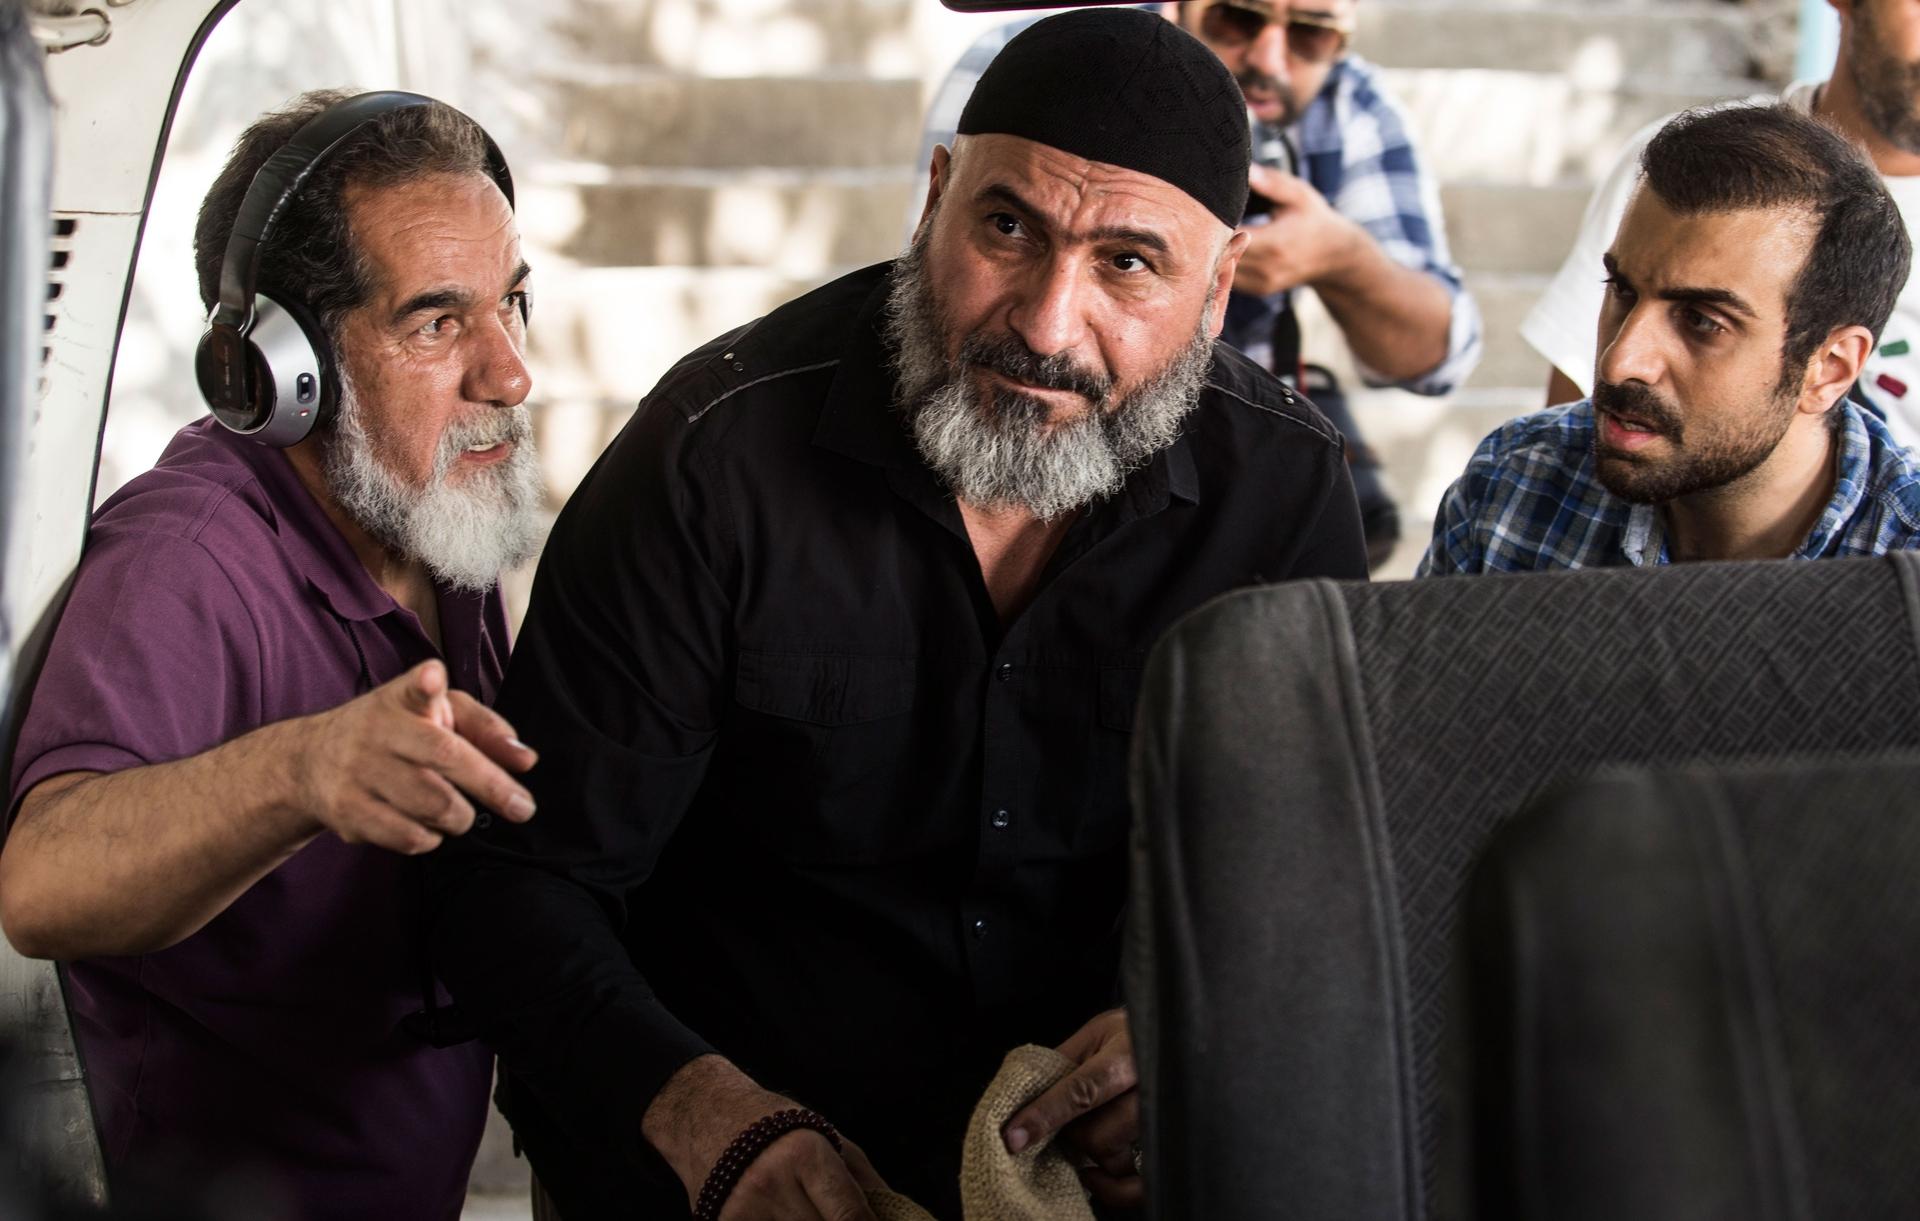 سعید سهیلی و حمید فرخ نژاد در پشت صحنه فیلم گشت ارشاد 2